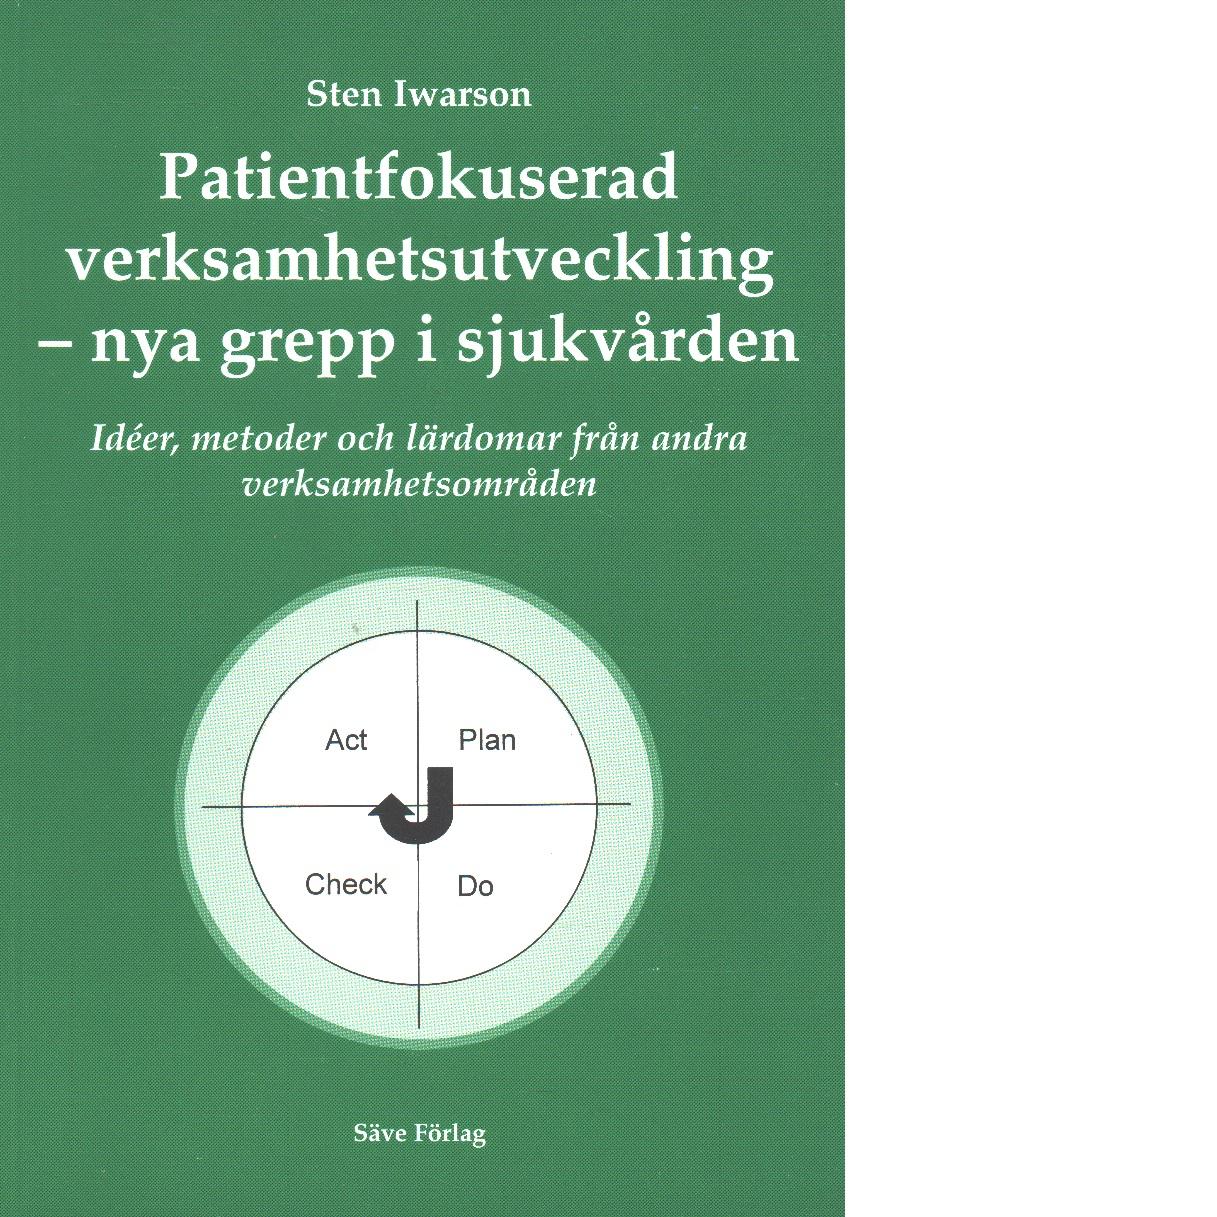 Patientfokuserad verksamhetsutveckling - nya grepp i sjukvården : idéer, metoder och lärdomar från andra verksamhetsområden - Iwarson, Sten